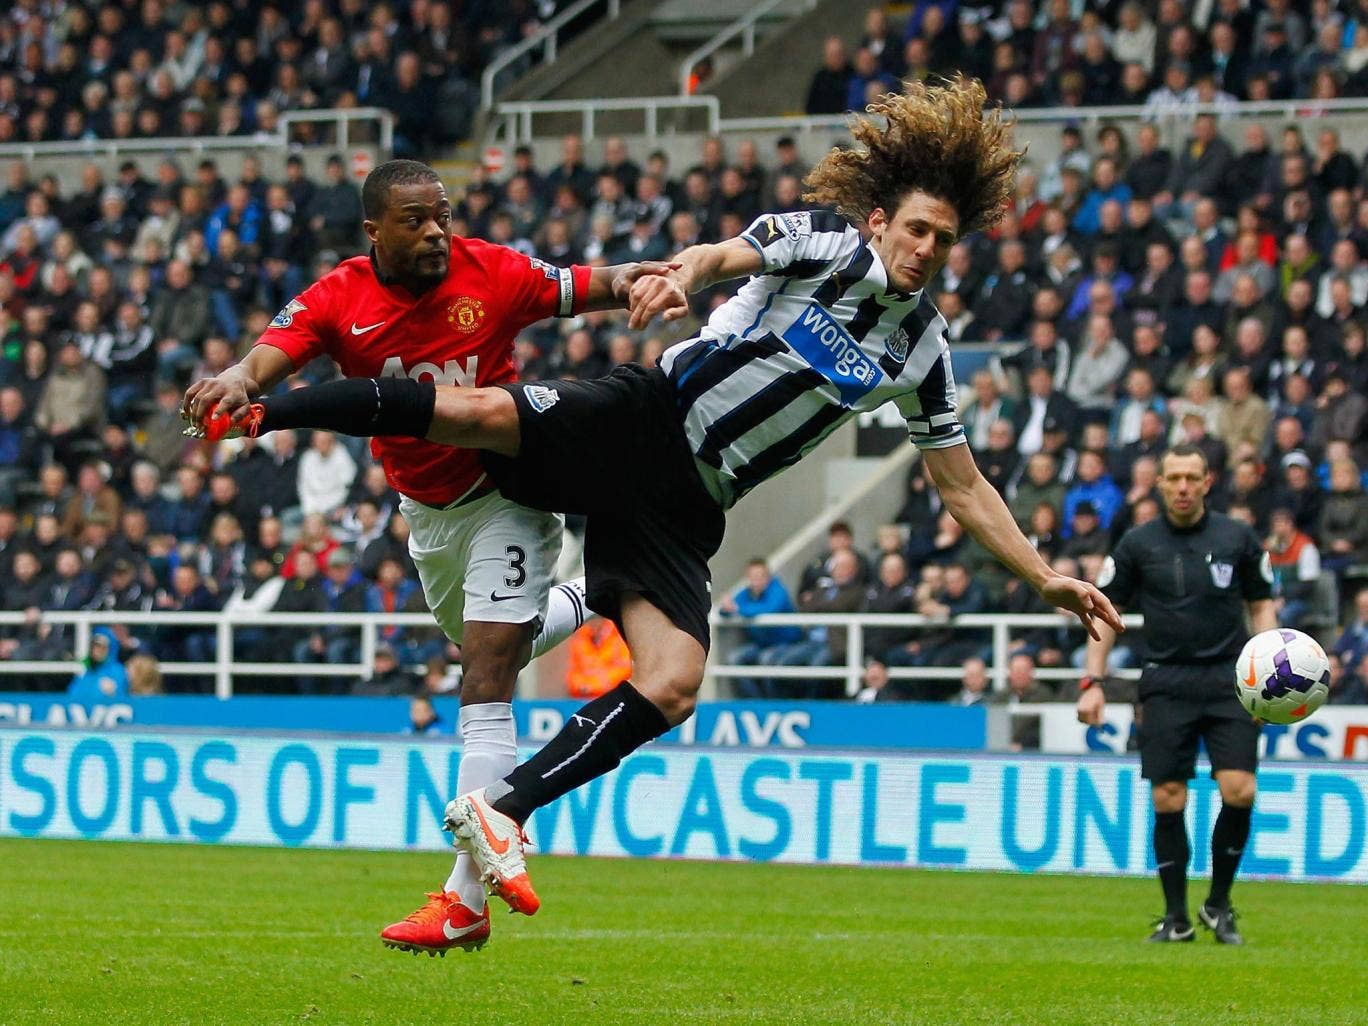 Patrice Evra of Manchester United and Newcastle's Fabrizio Coloccini contest possession